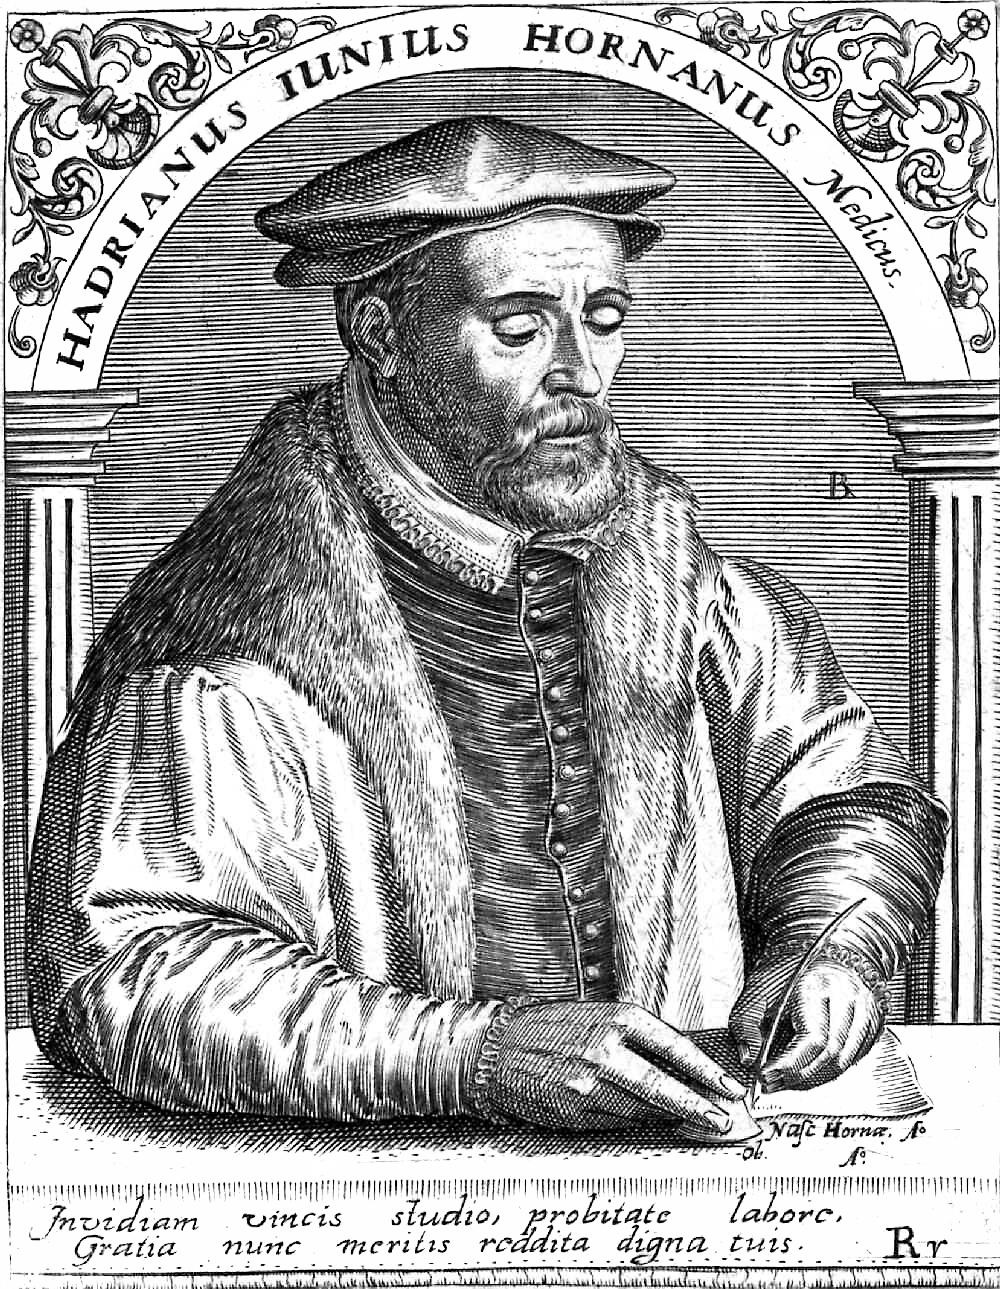 Hadrianus_Junius_1511_-_1575.png